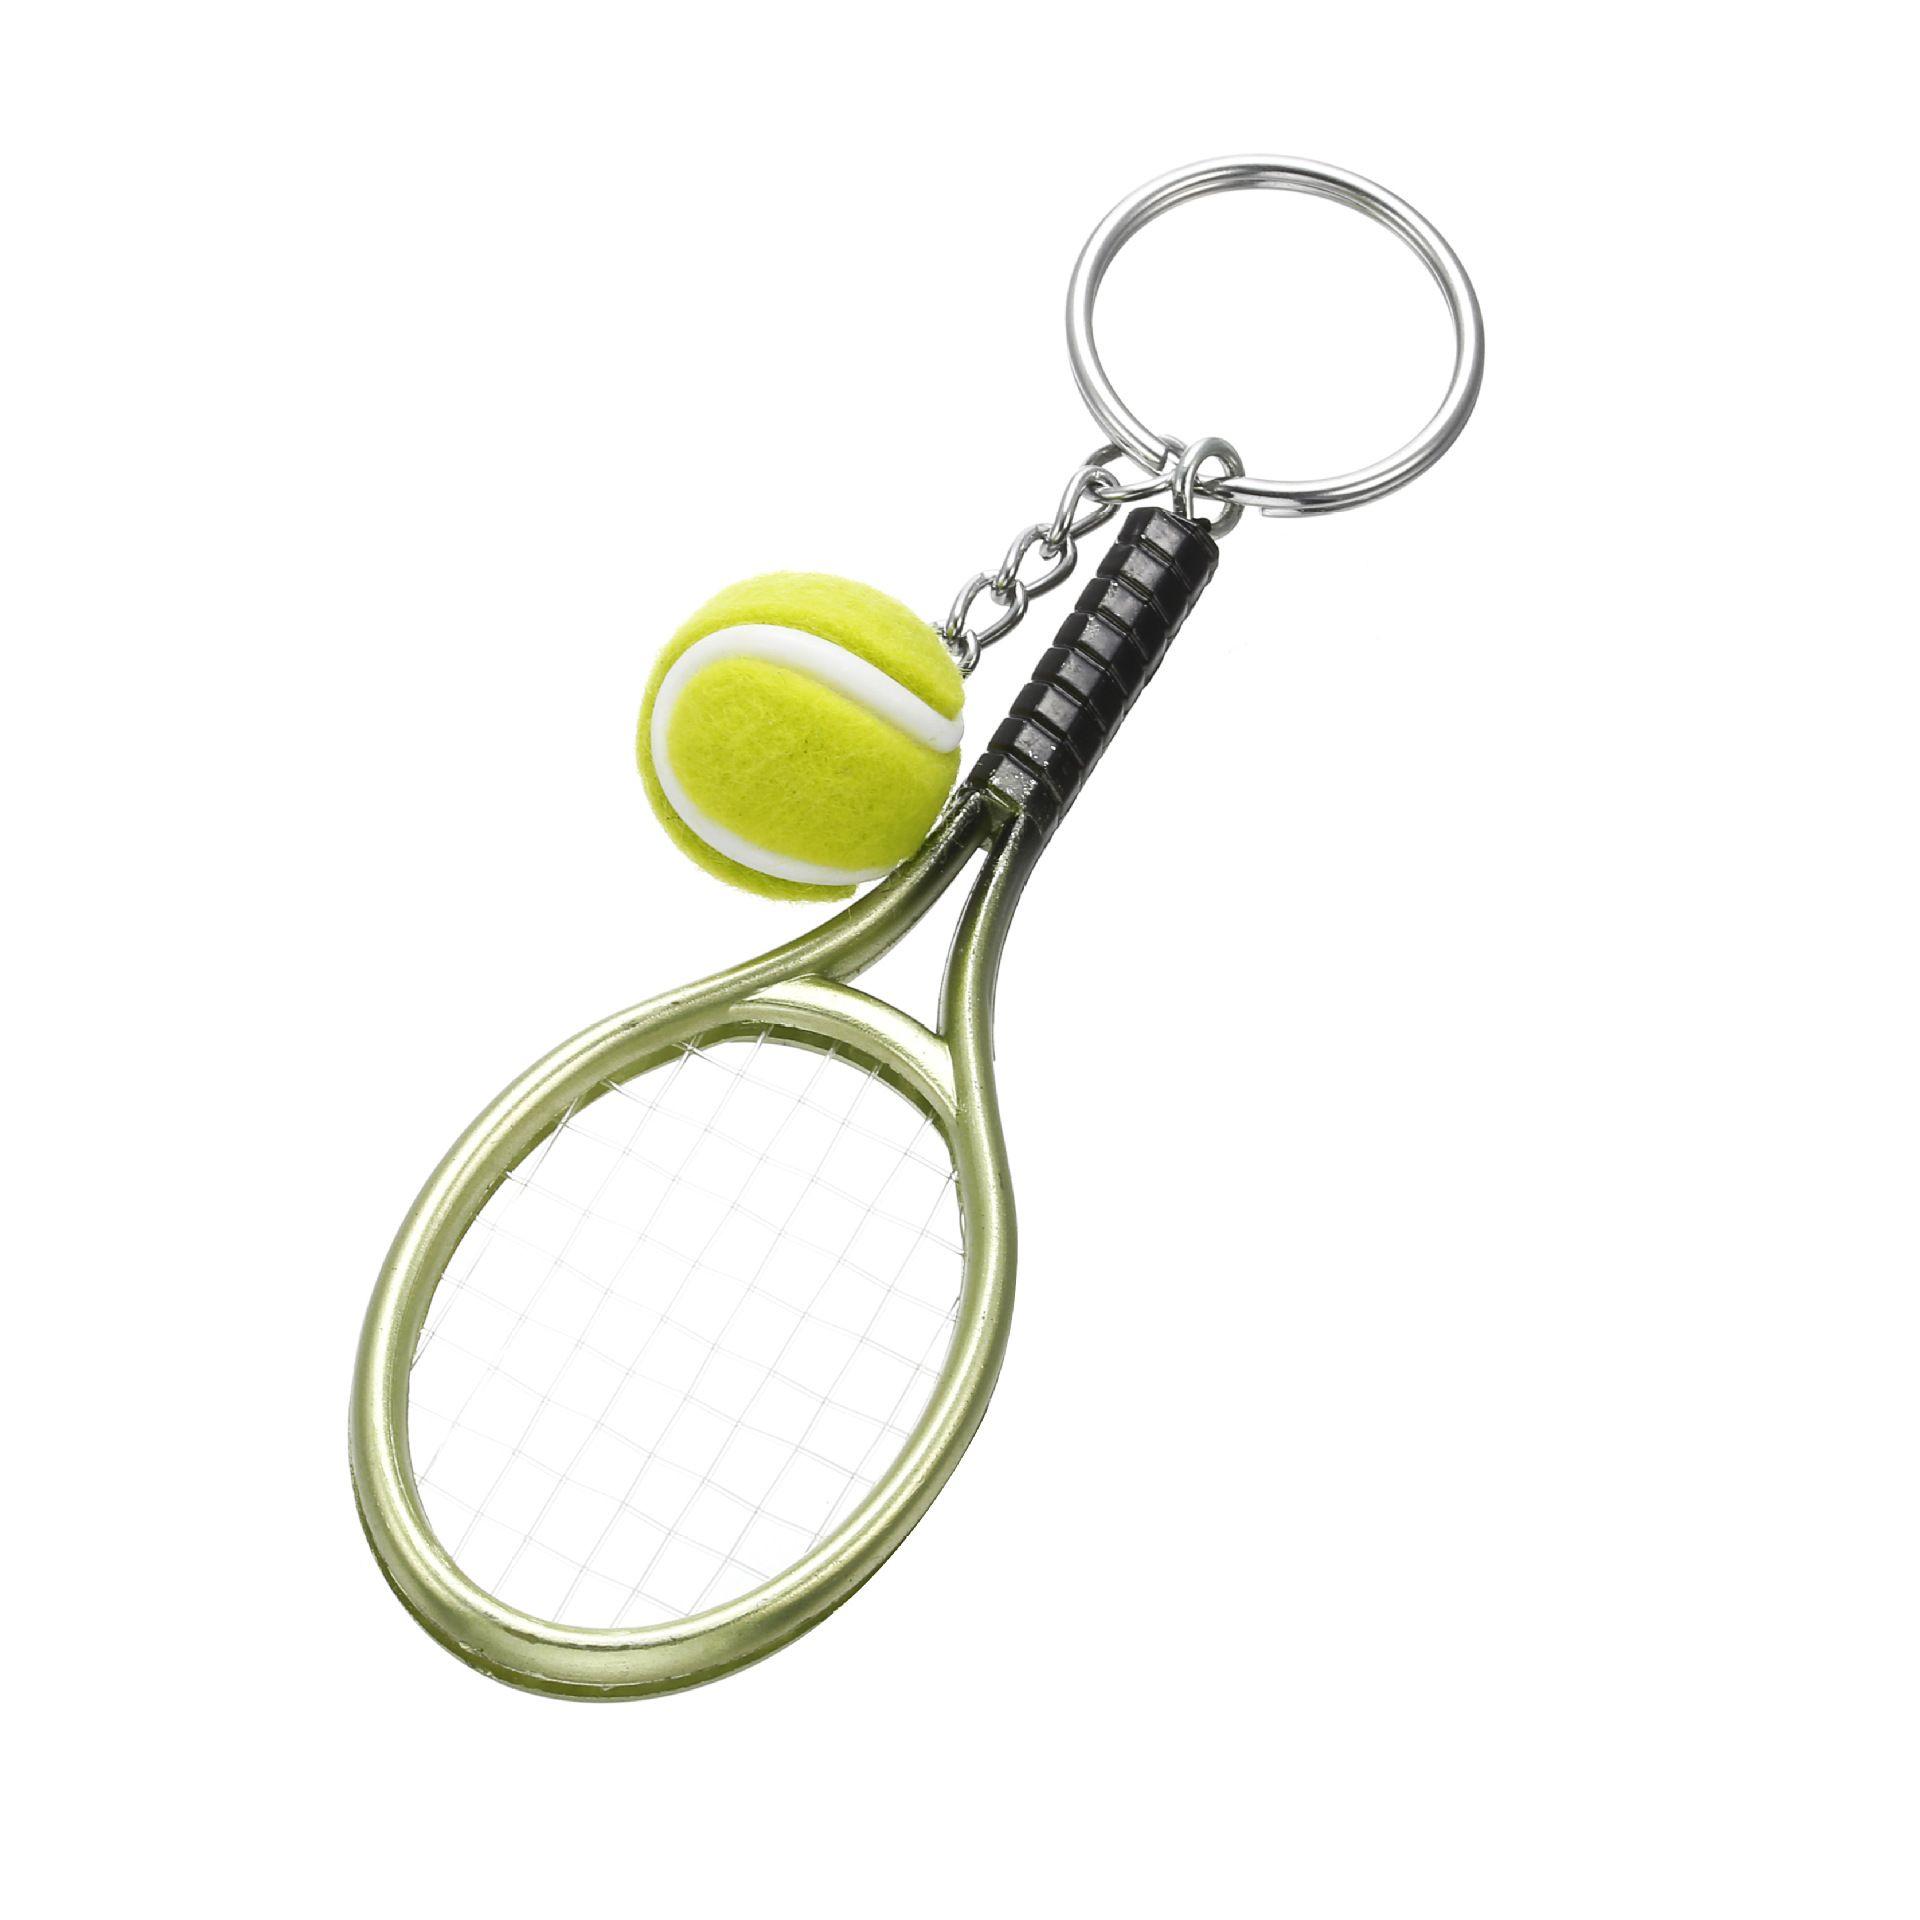 Mode-Accessoires Kreative Tennis Schlüsselanhänger Schlüsselanhänger Anhänger Sportartikel Tennisschläger Schlüsselanhänger Set Fans Souvenirs Geschenke Großhandel